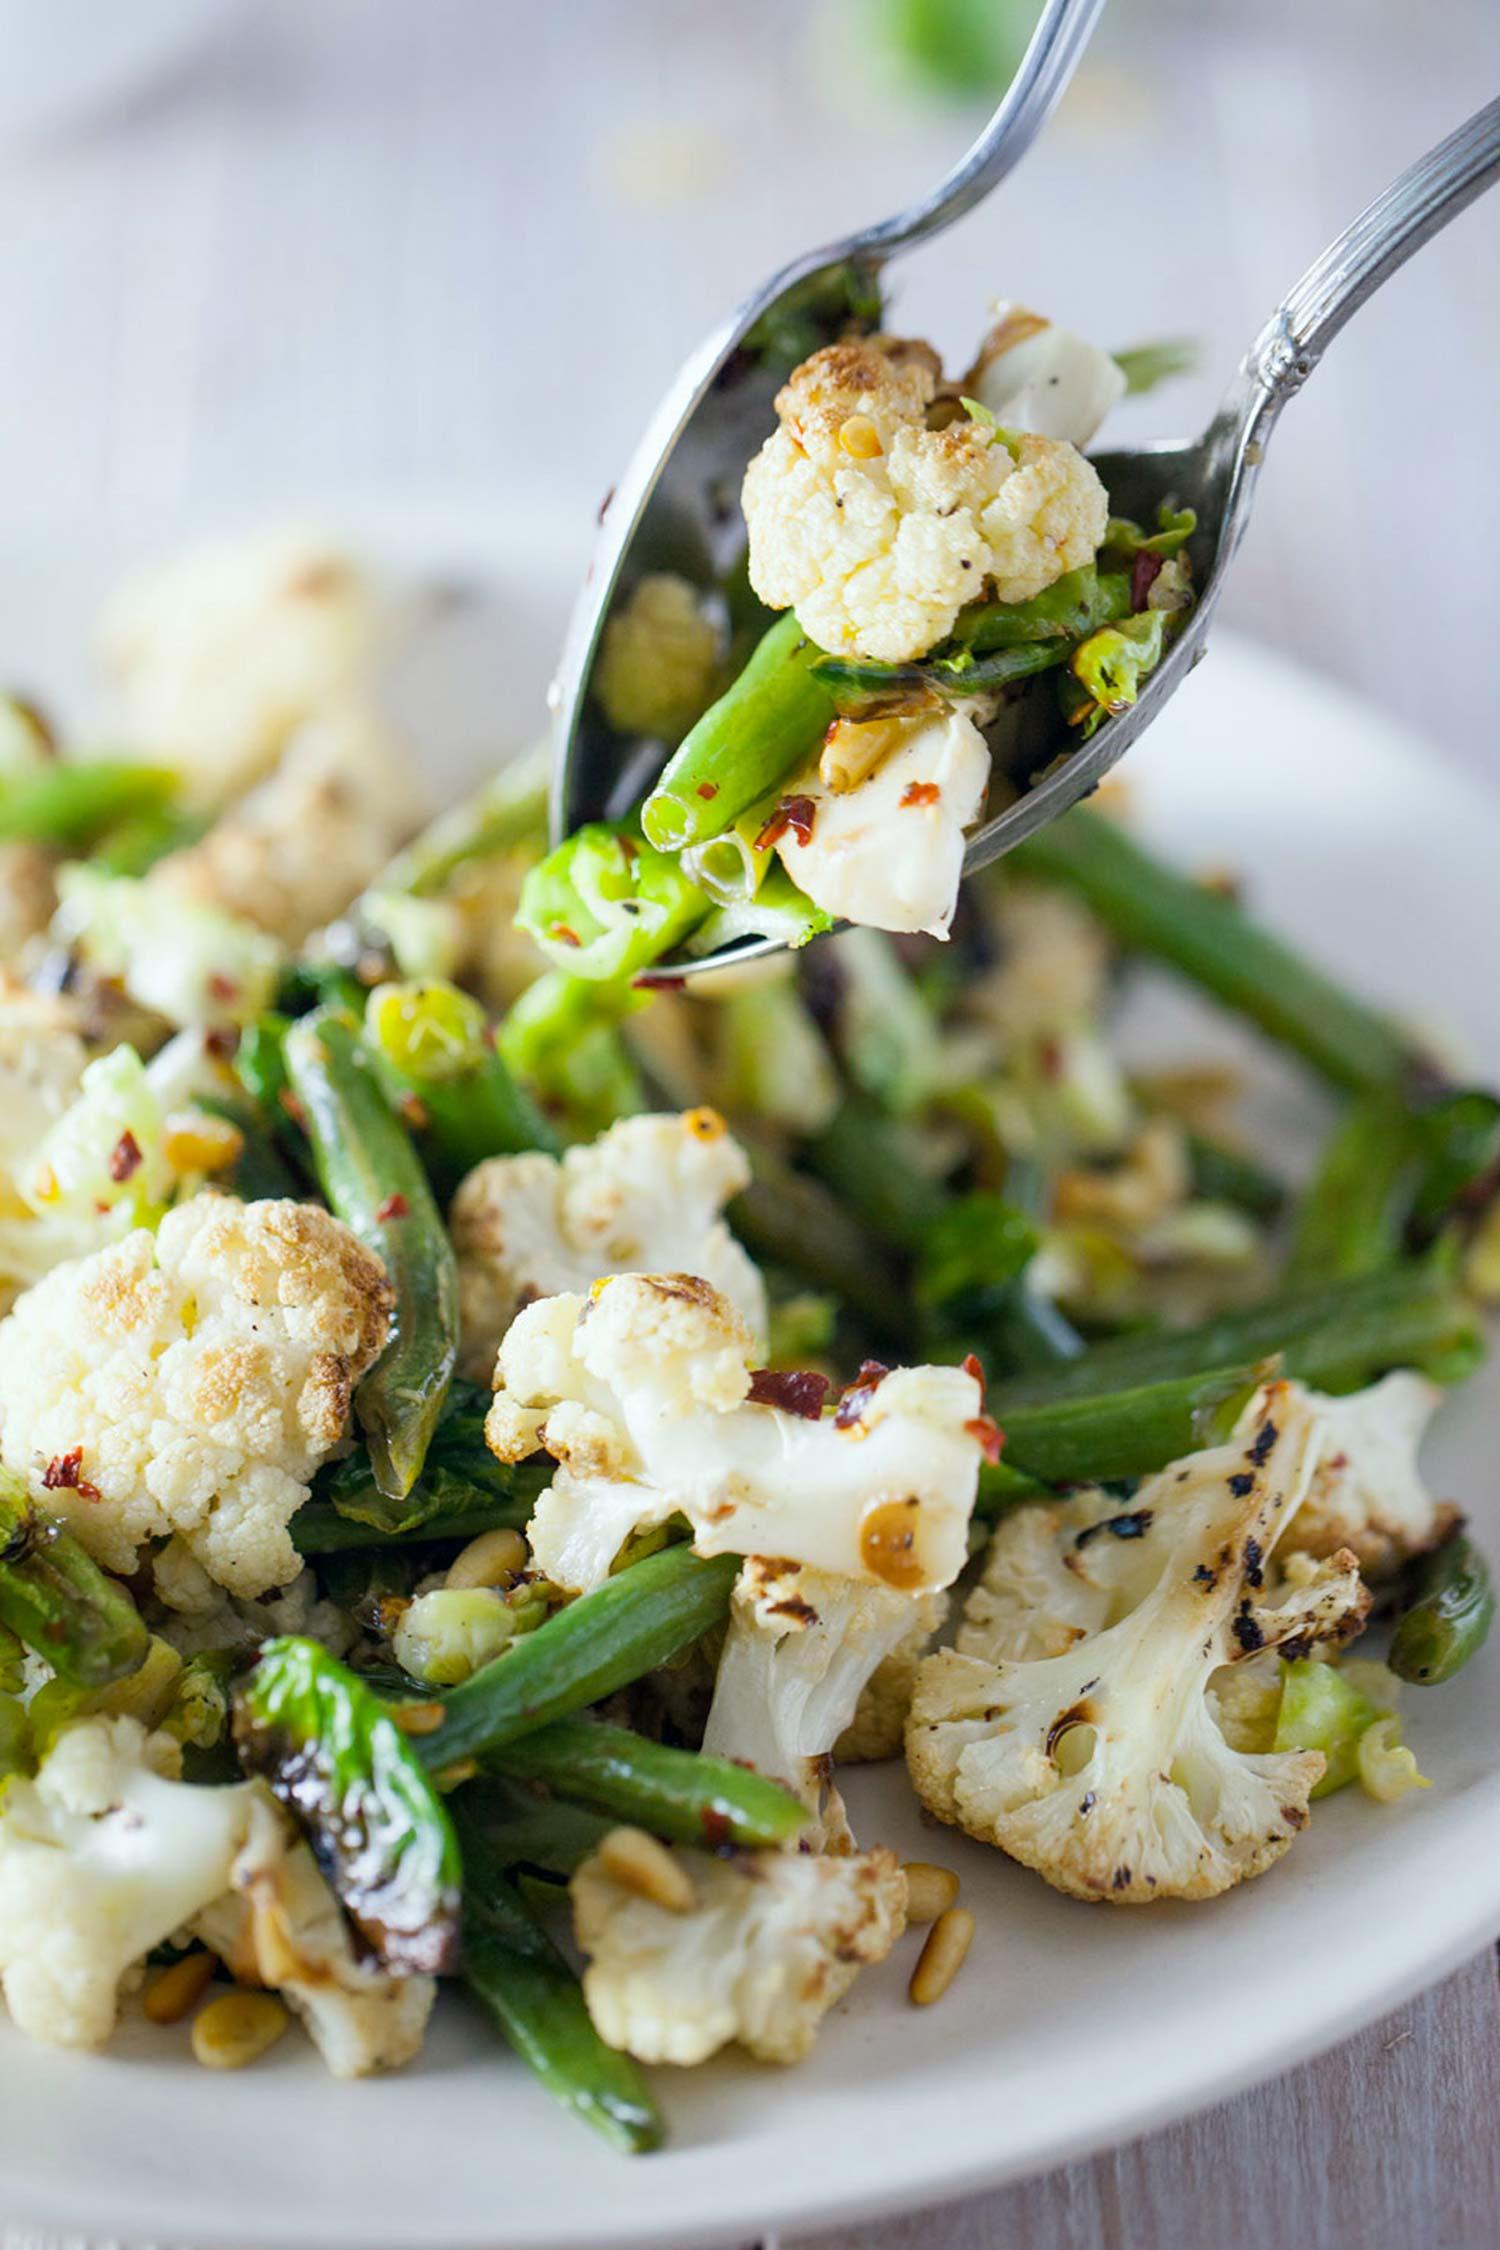 Roasted-Cauliflower-&-Brussels-Sprout-Salad-Evergreen-Kitchen-1.jpg